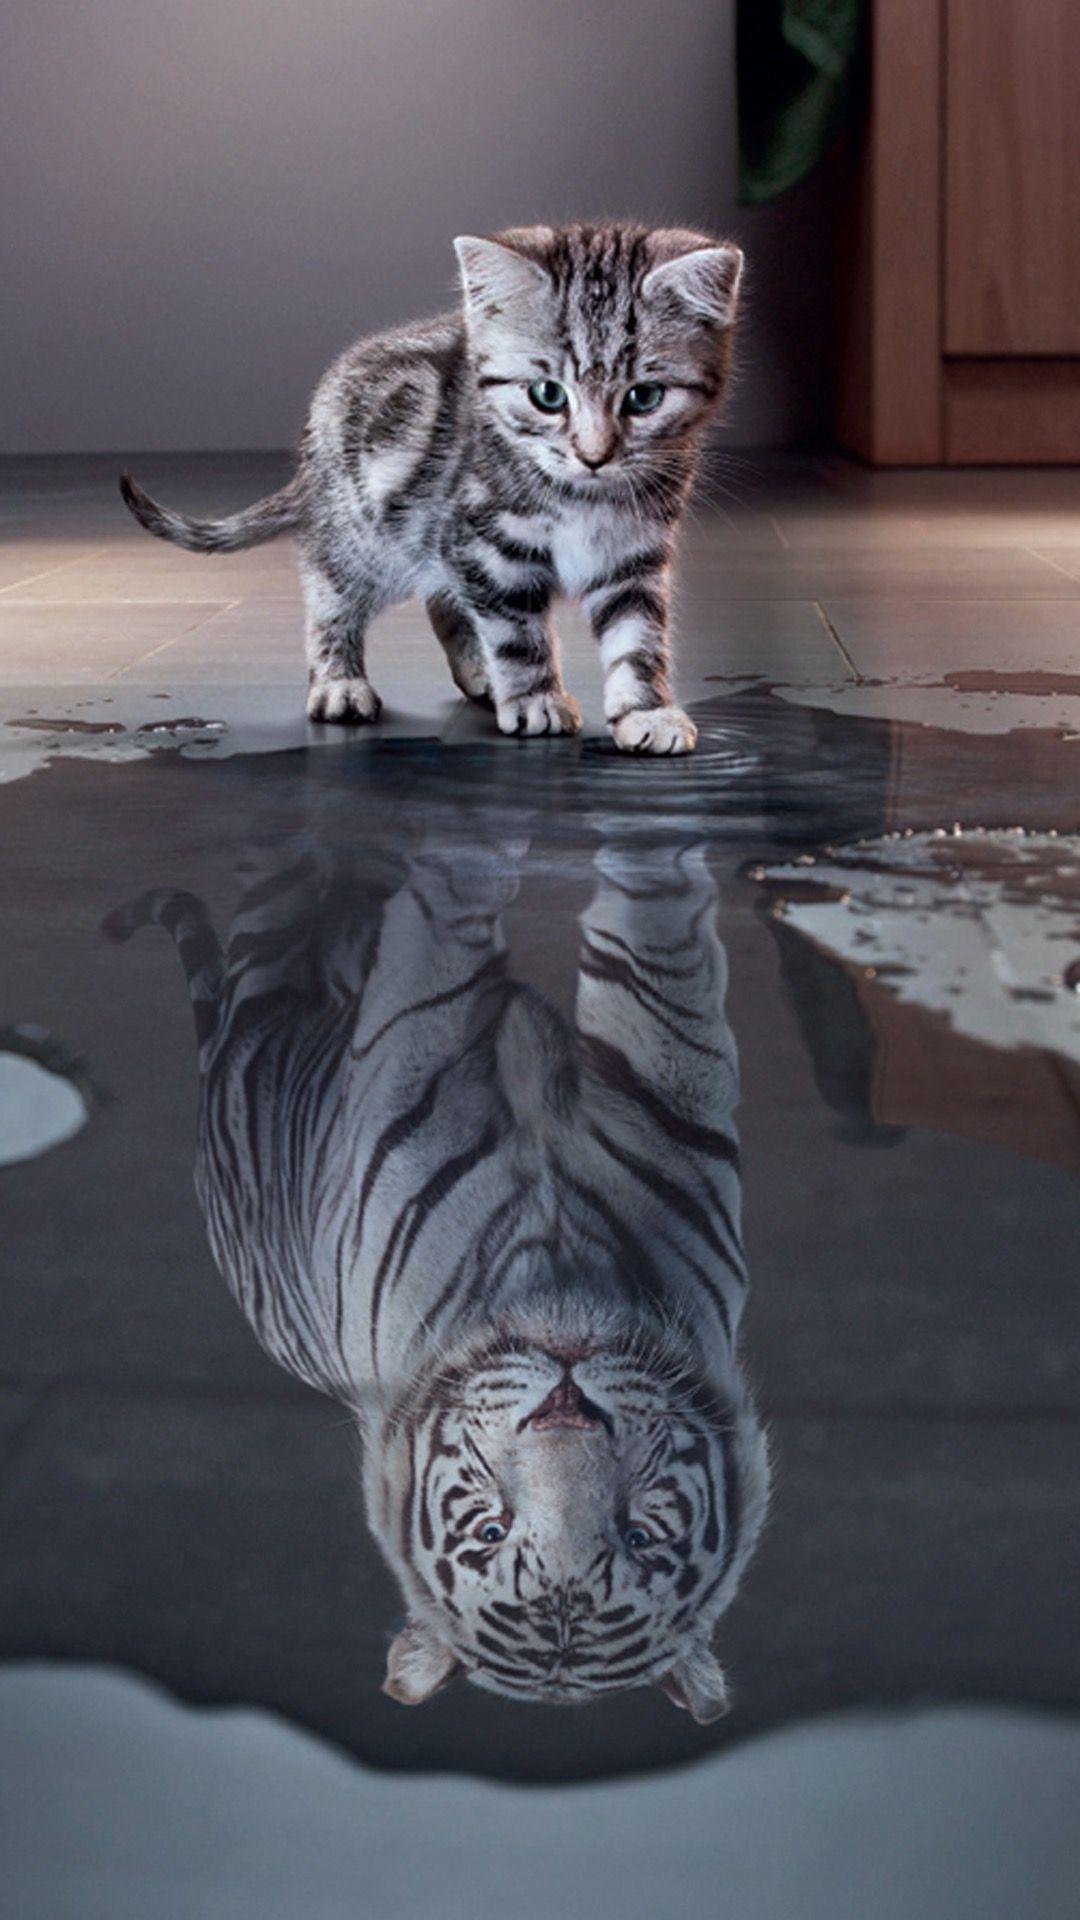 Pin By Amelia Clarke On Fond D Ecran Kitten Images Cute Cat Wallpaper Cute Animals